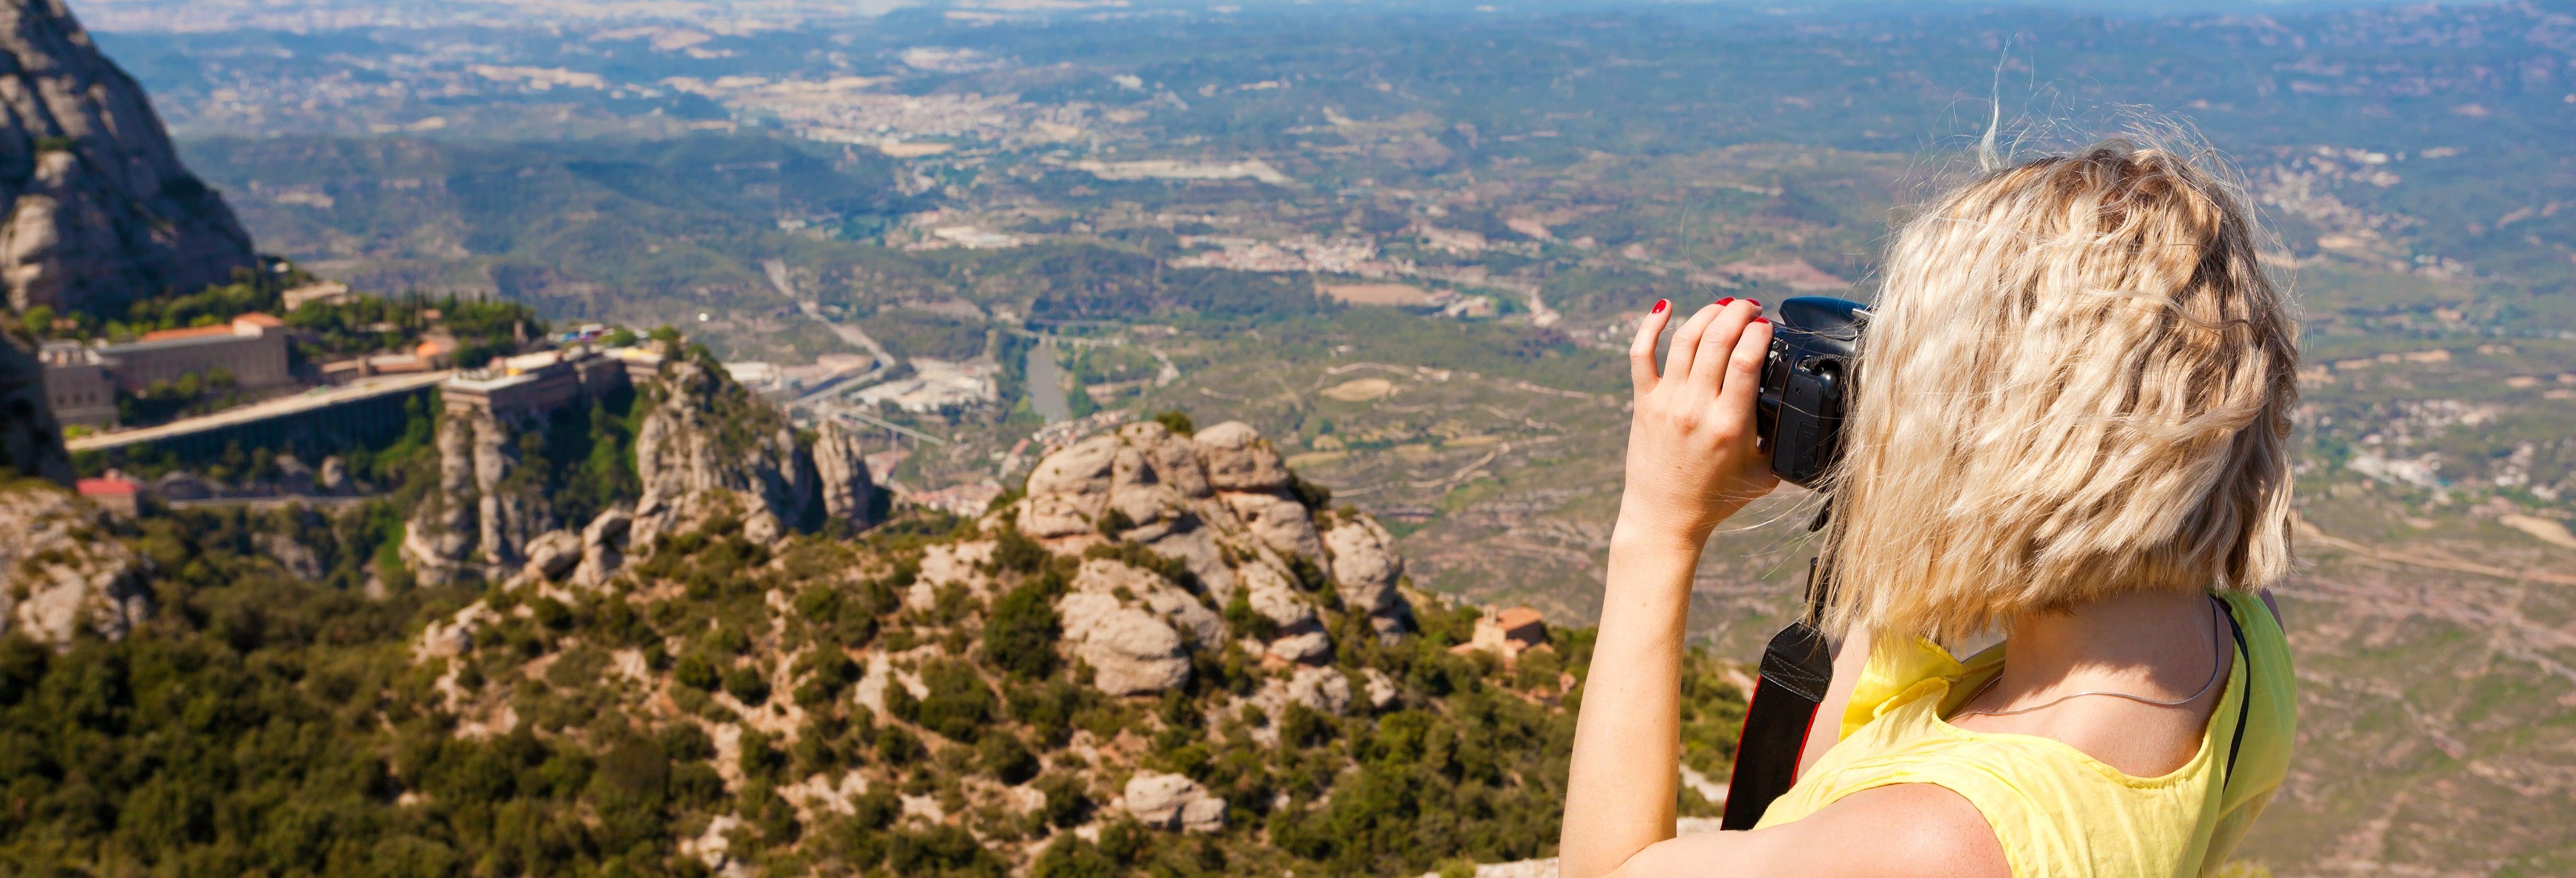 Offre : Montserrat + Sagrada Familia